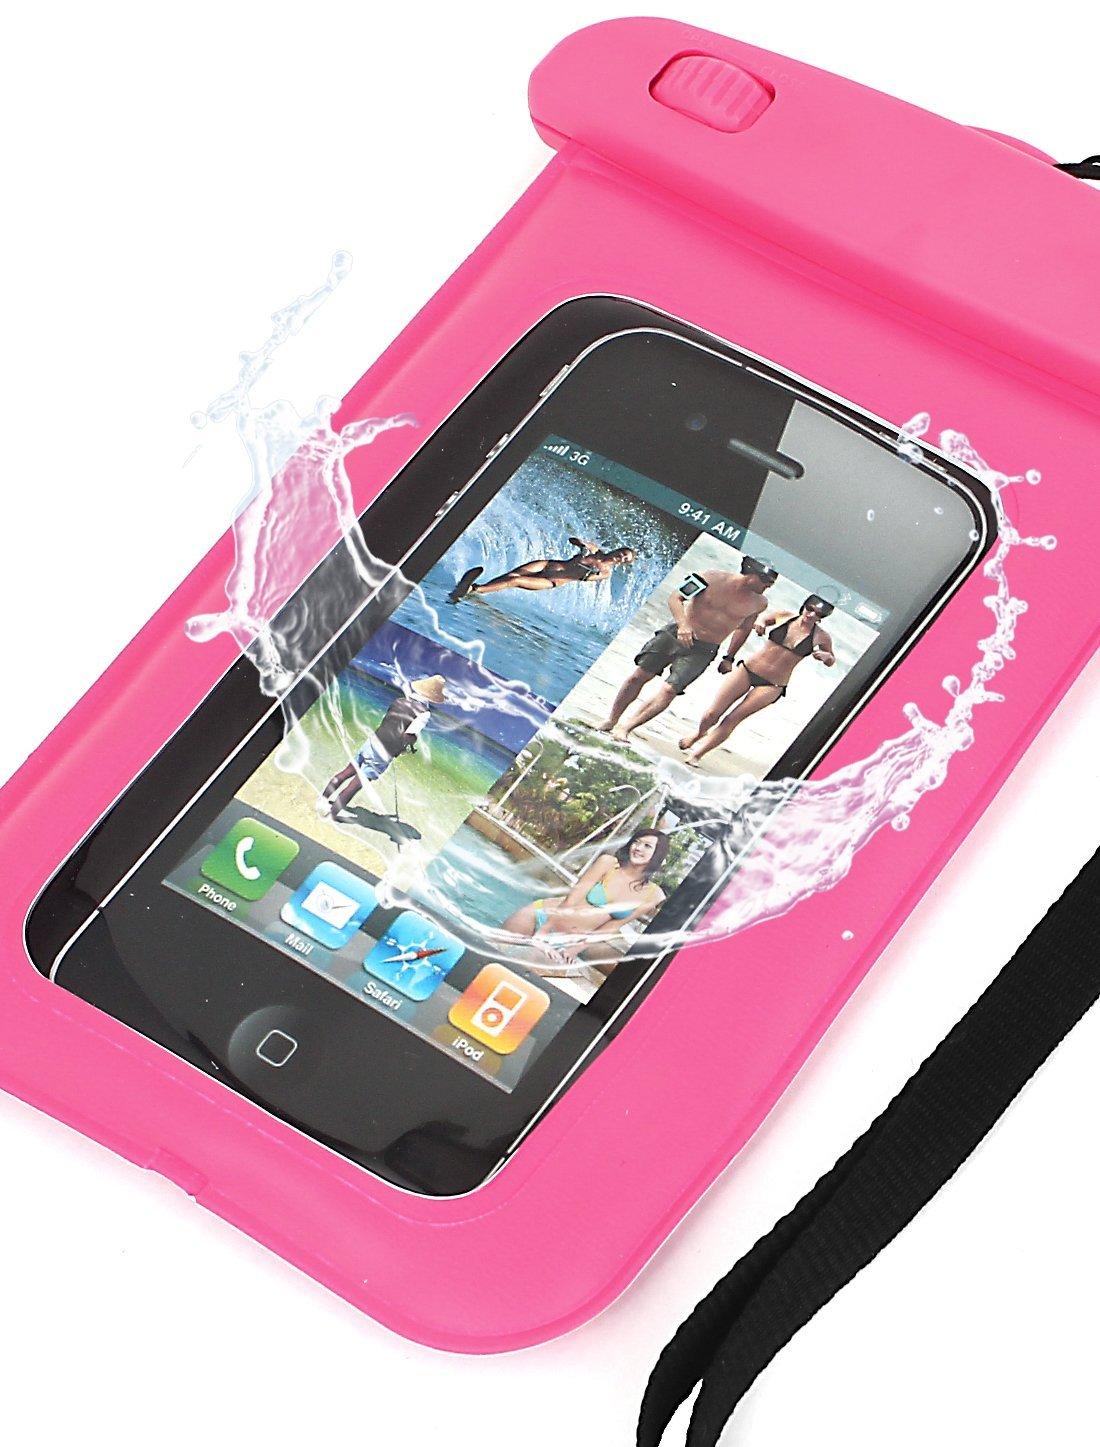 Amazon.com : eDealMax Caso subacuático impermeable seco Bolsa Bolsa de la cubierta rosada Para el teléfono móvil : Sports & Outdoors